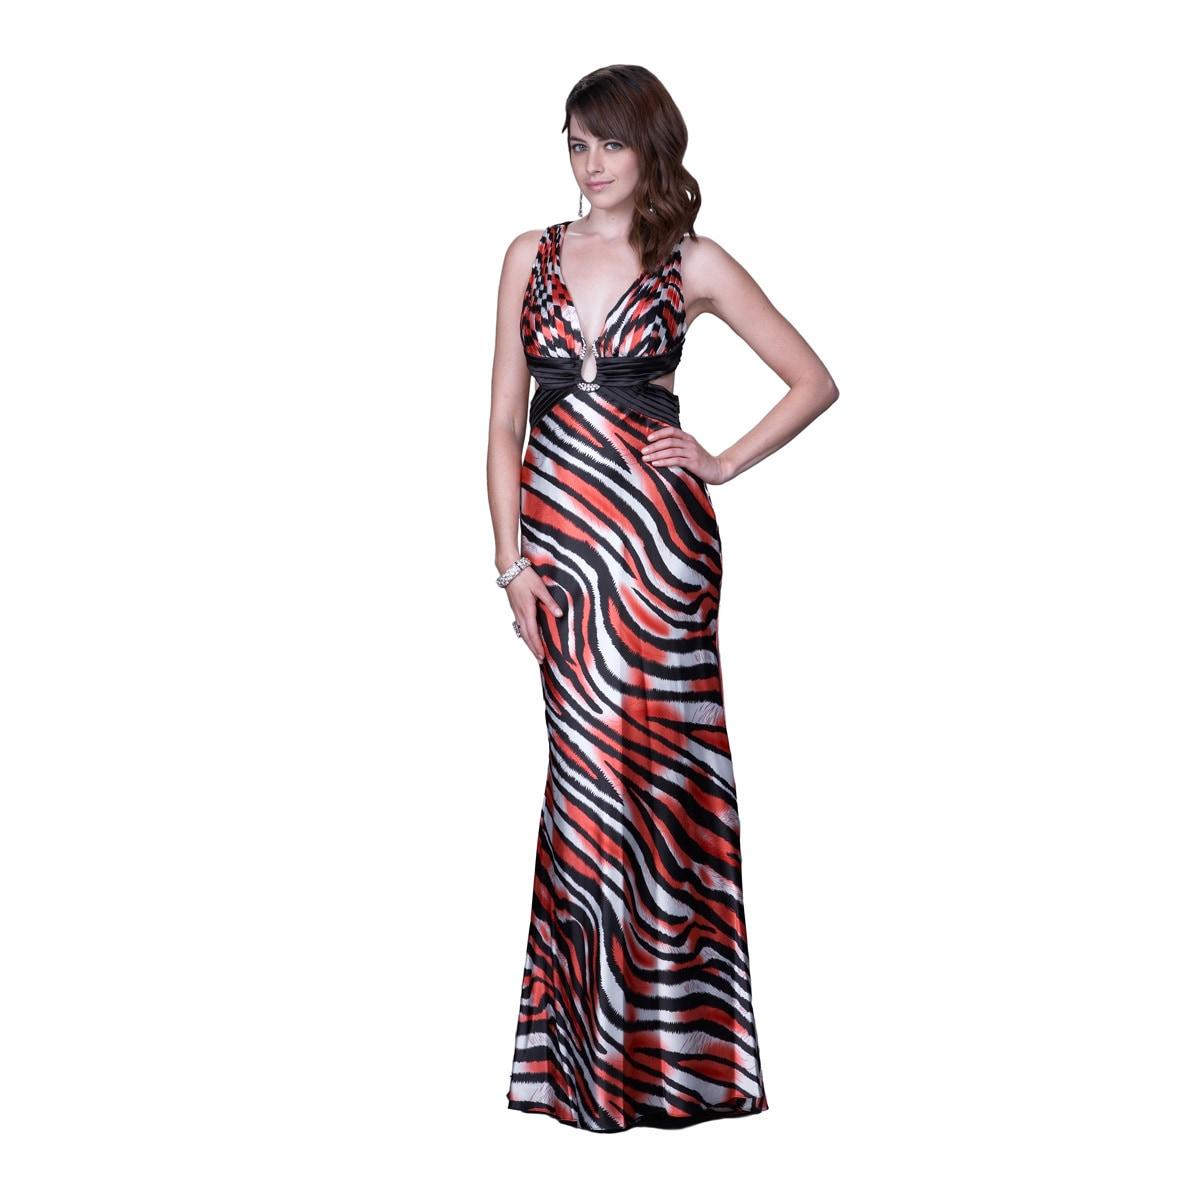 La Femme Women's Zebra Printed Satin Halter Gown with Bro...